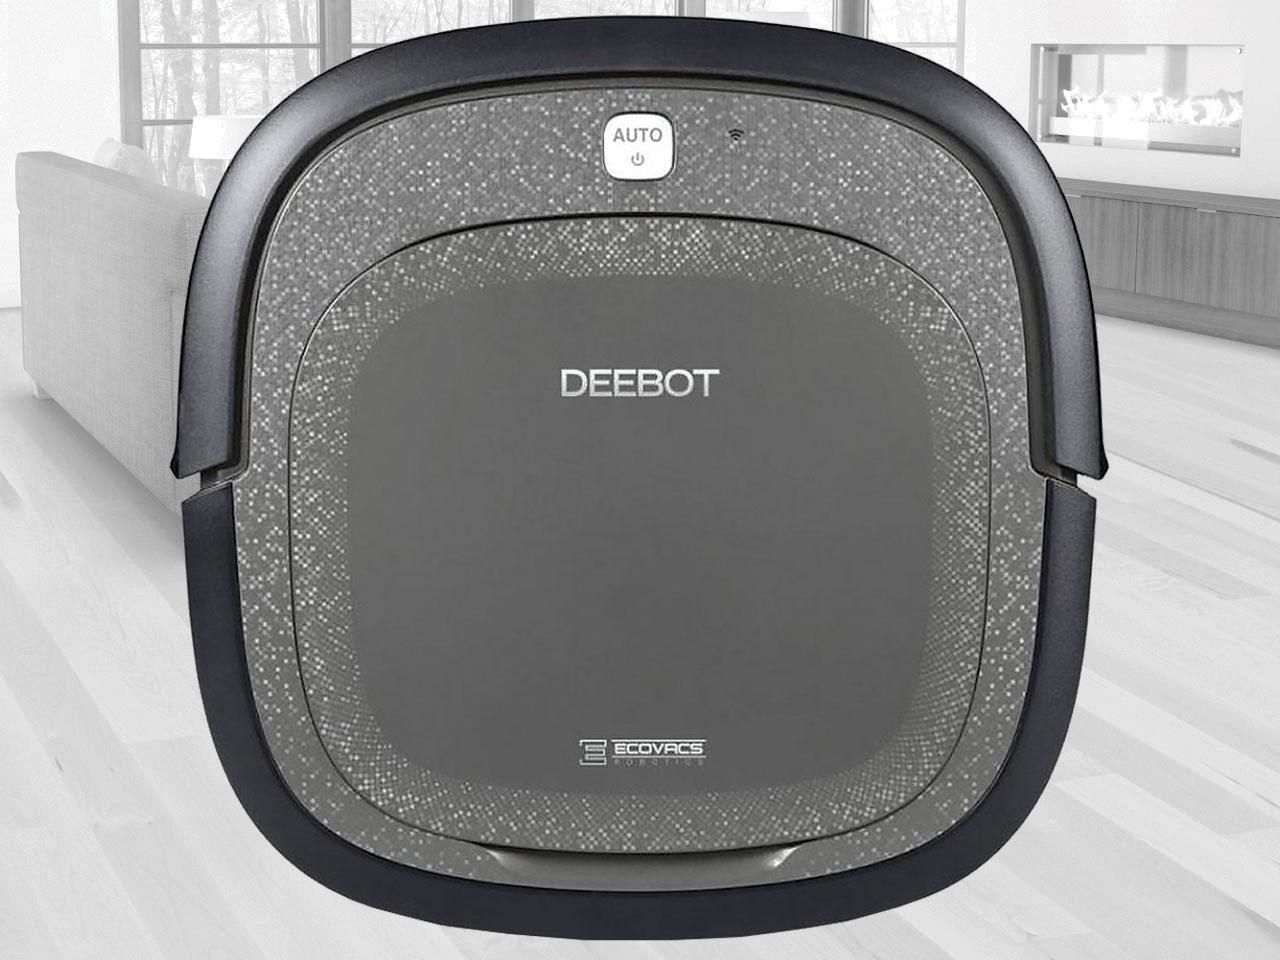 Robotický vysavač ECOVACS Deebot SLIM2, černý